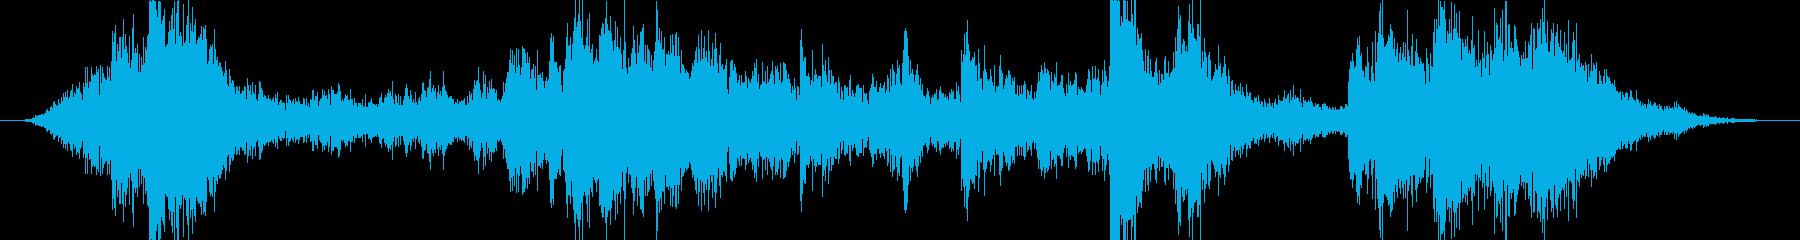 大型ブリキ板金:ヘビーラトルアンド...の再生済みの波形